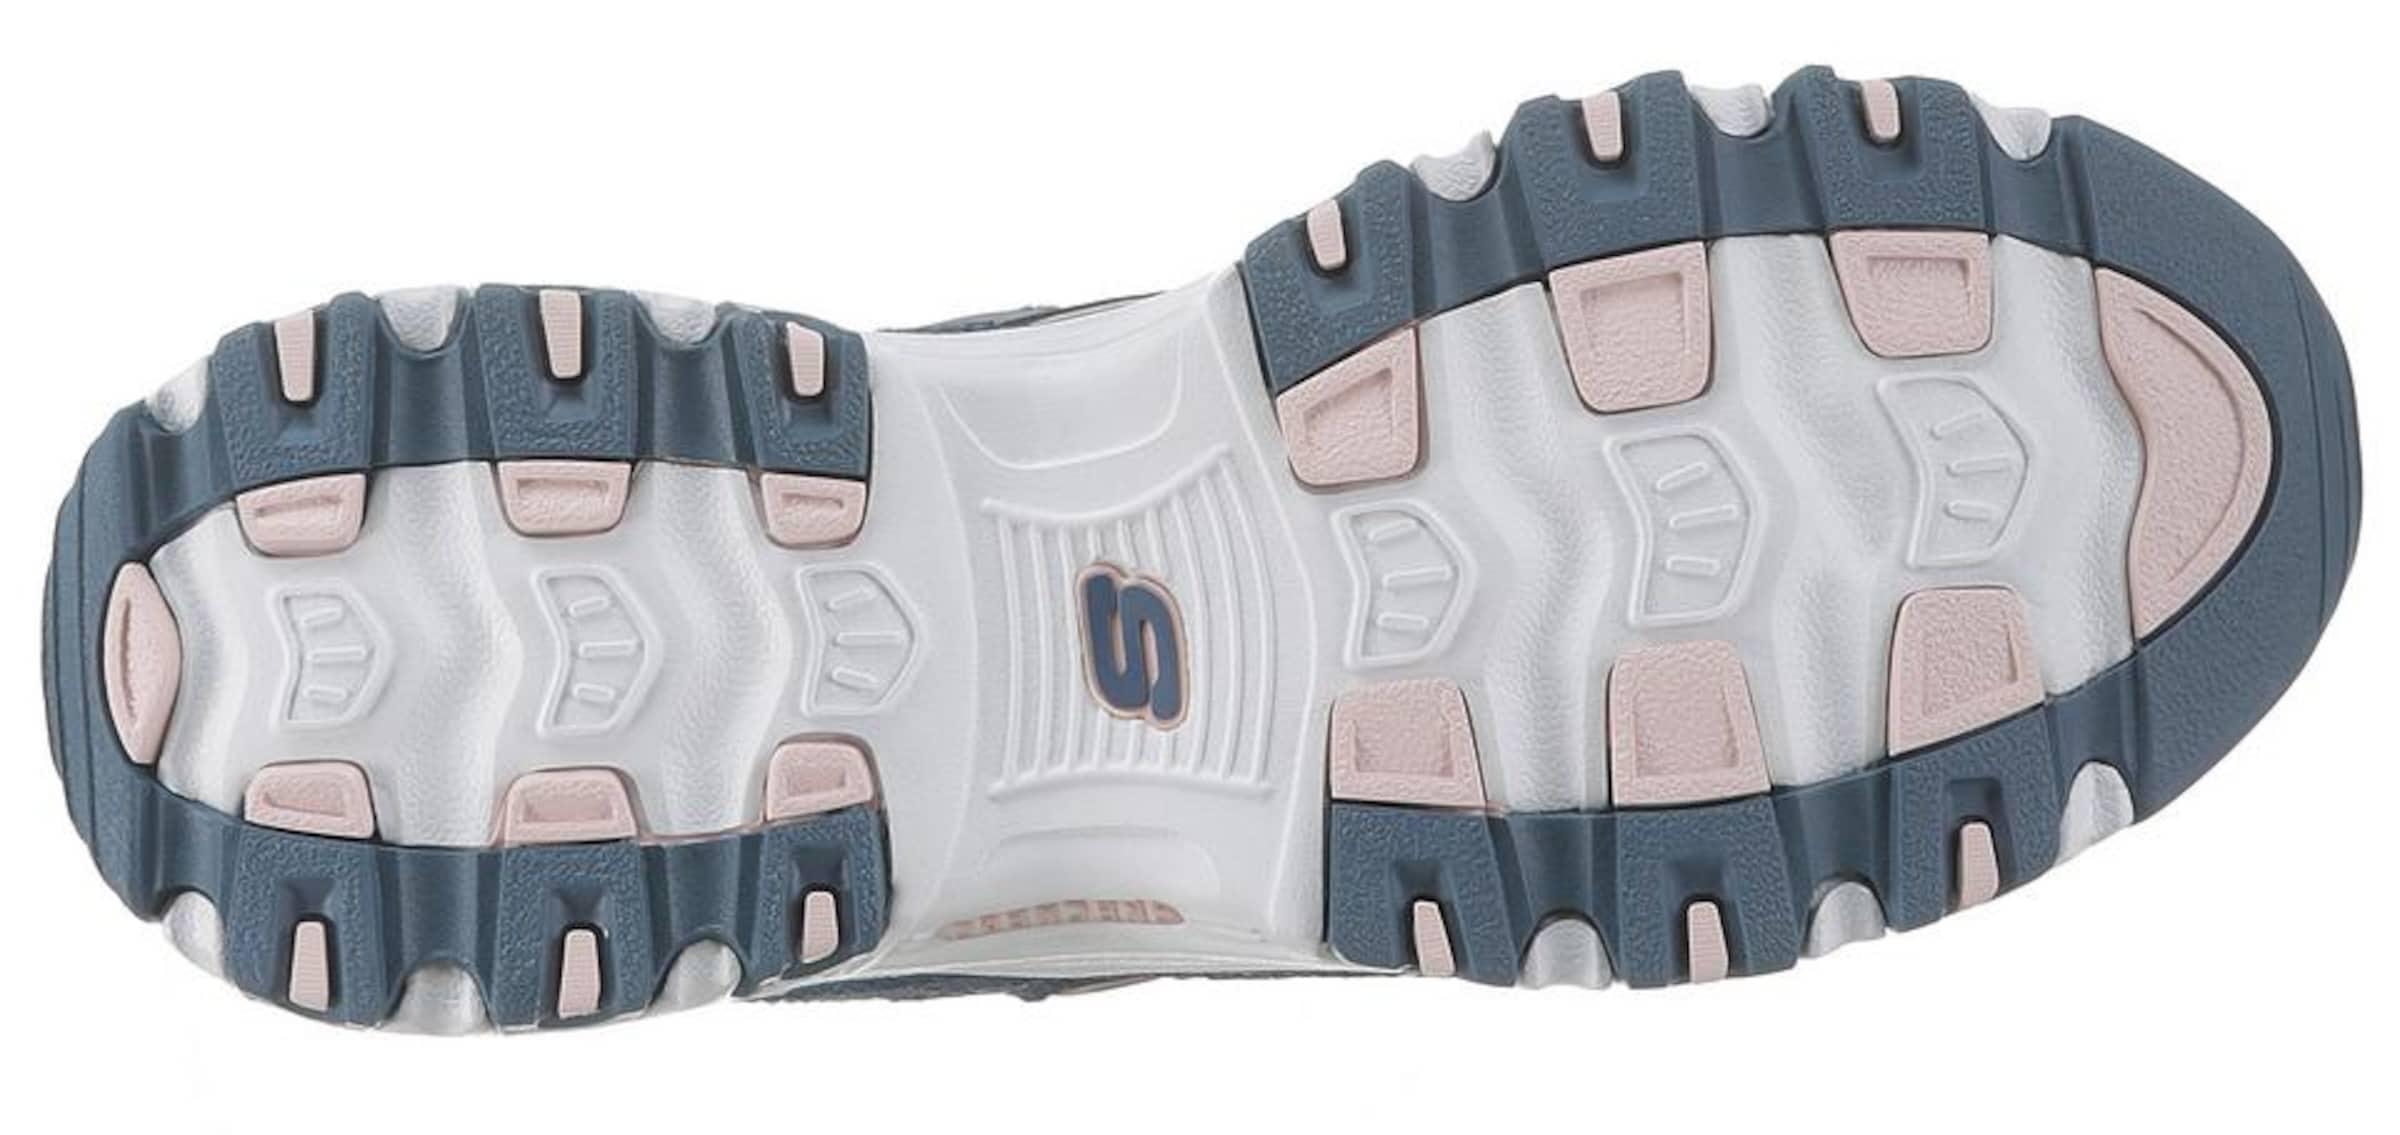 Fan' Weiß Skechers In TaubenblauRosa Sneaker 'd'litisBiggest Nn0v8mw